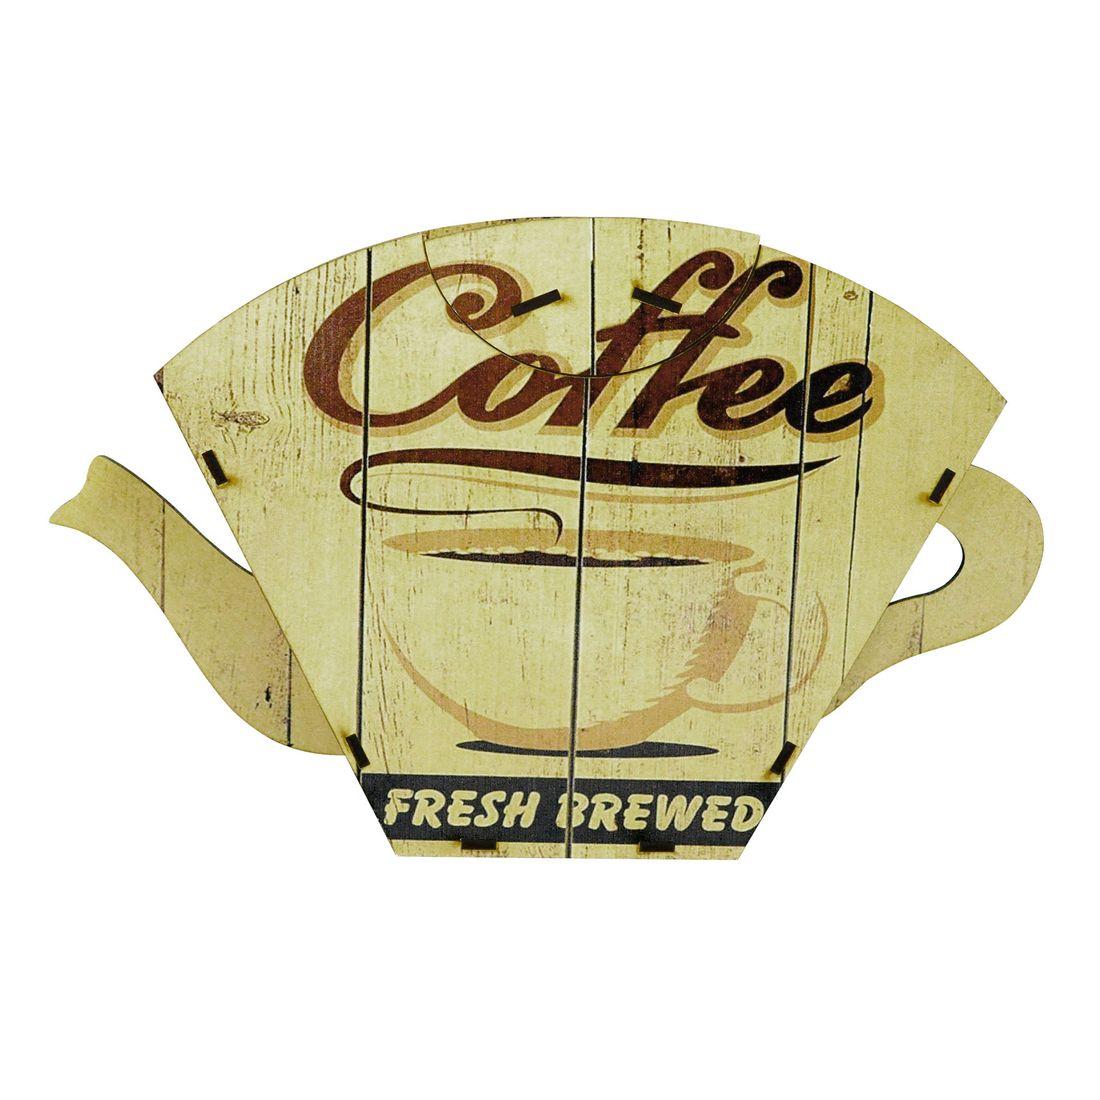 PORTA_FILTRO_COFFEE_FRESH_BREWED_31X19X37_FRENTE